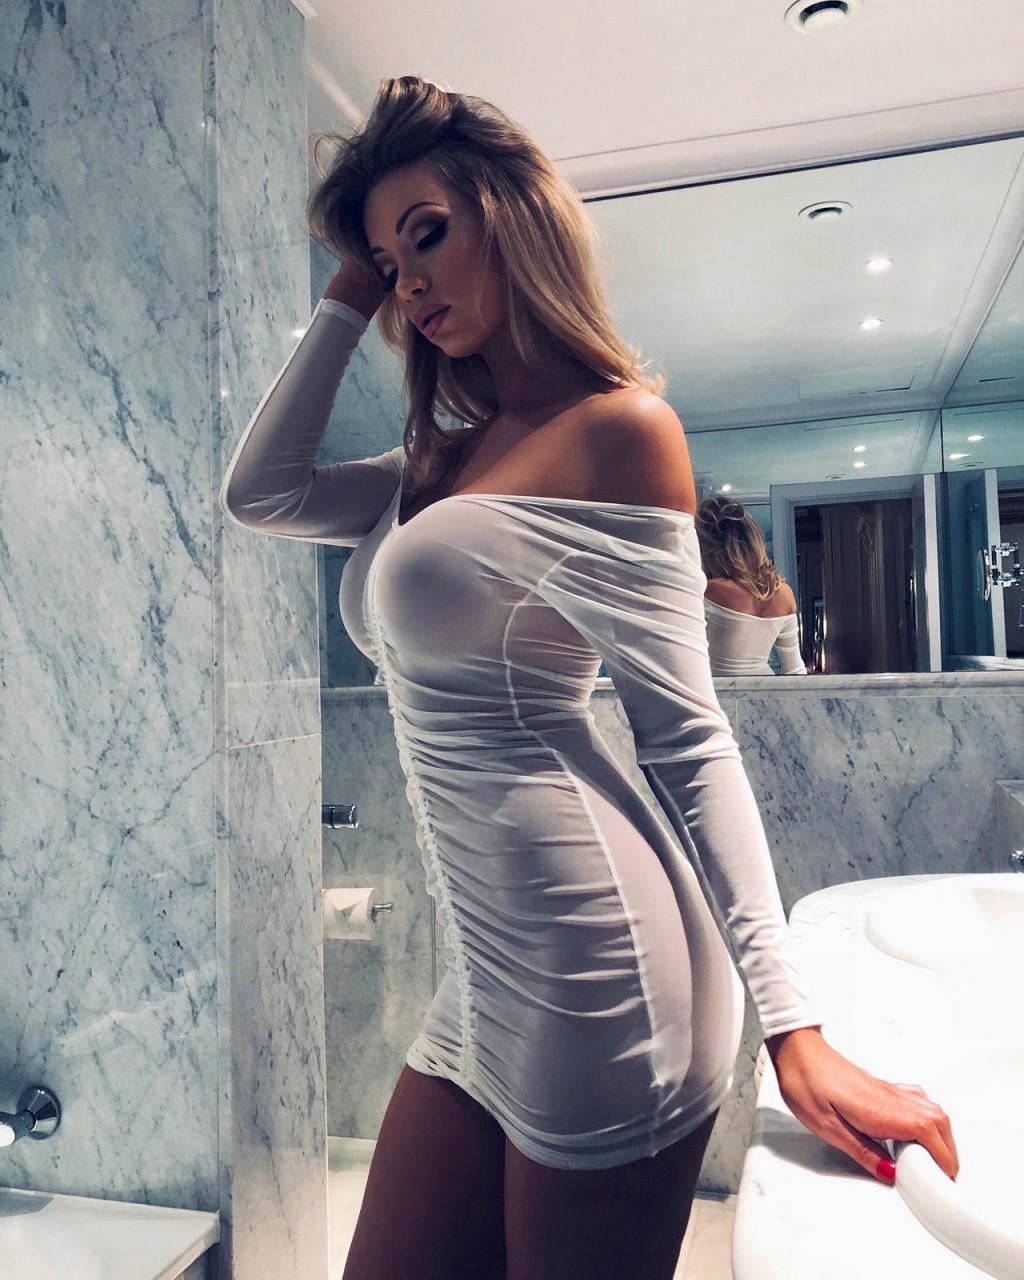 Писек сиськи в платье обтягивающем фото скрытая камера девушки